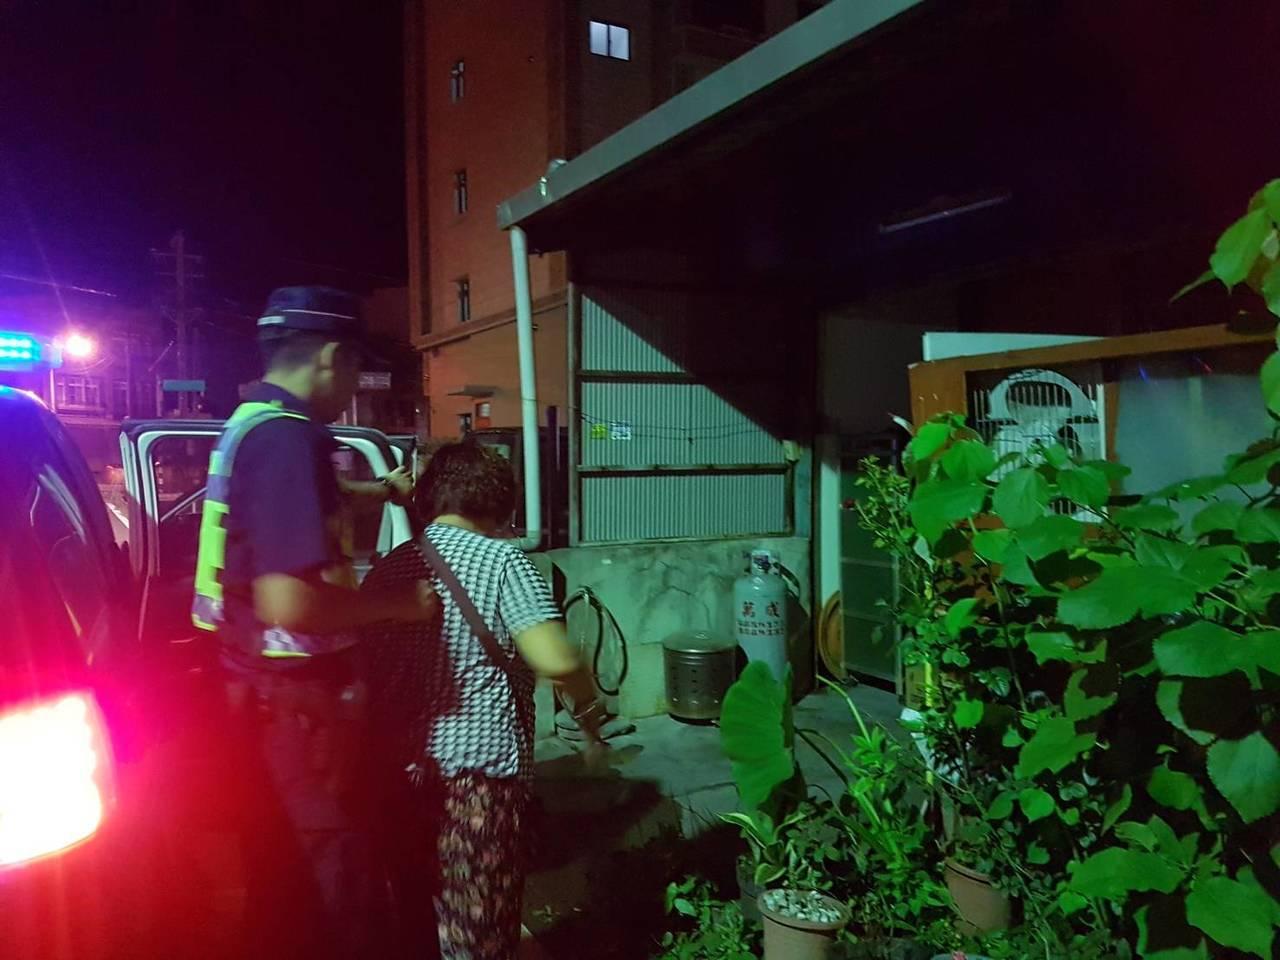 員警護送劉婦返家。圖/警方提供